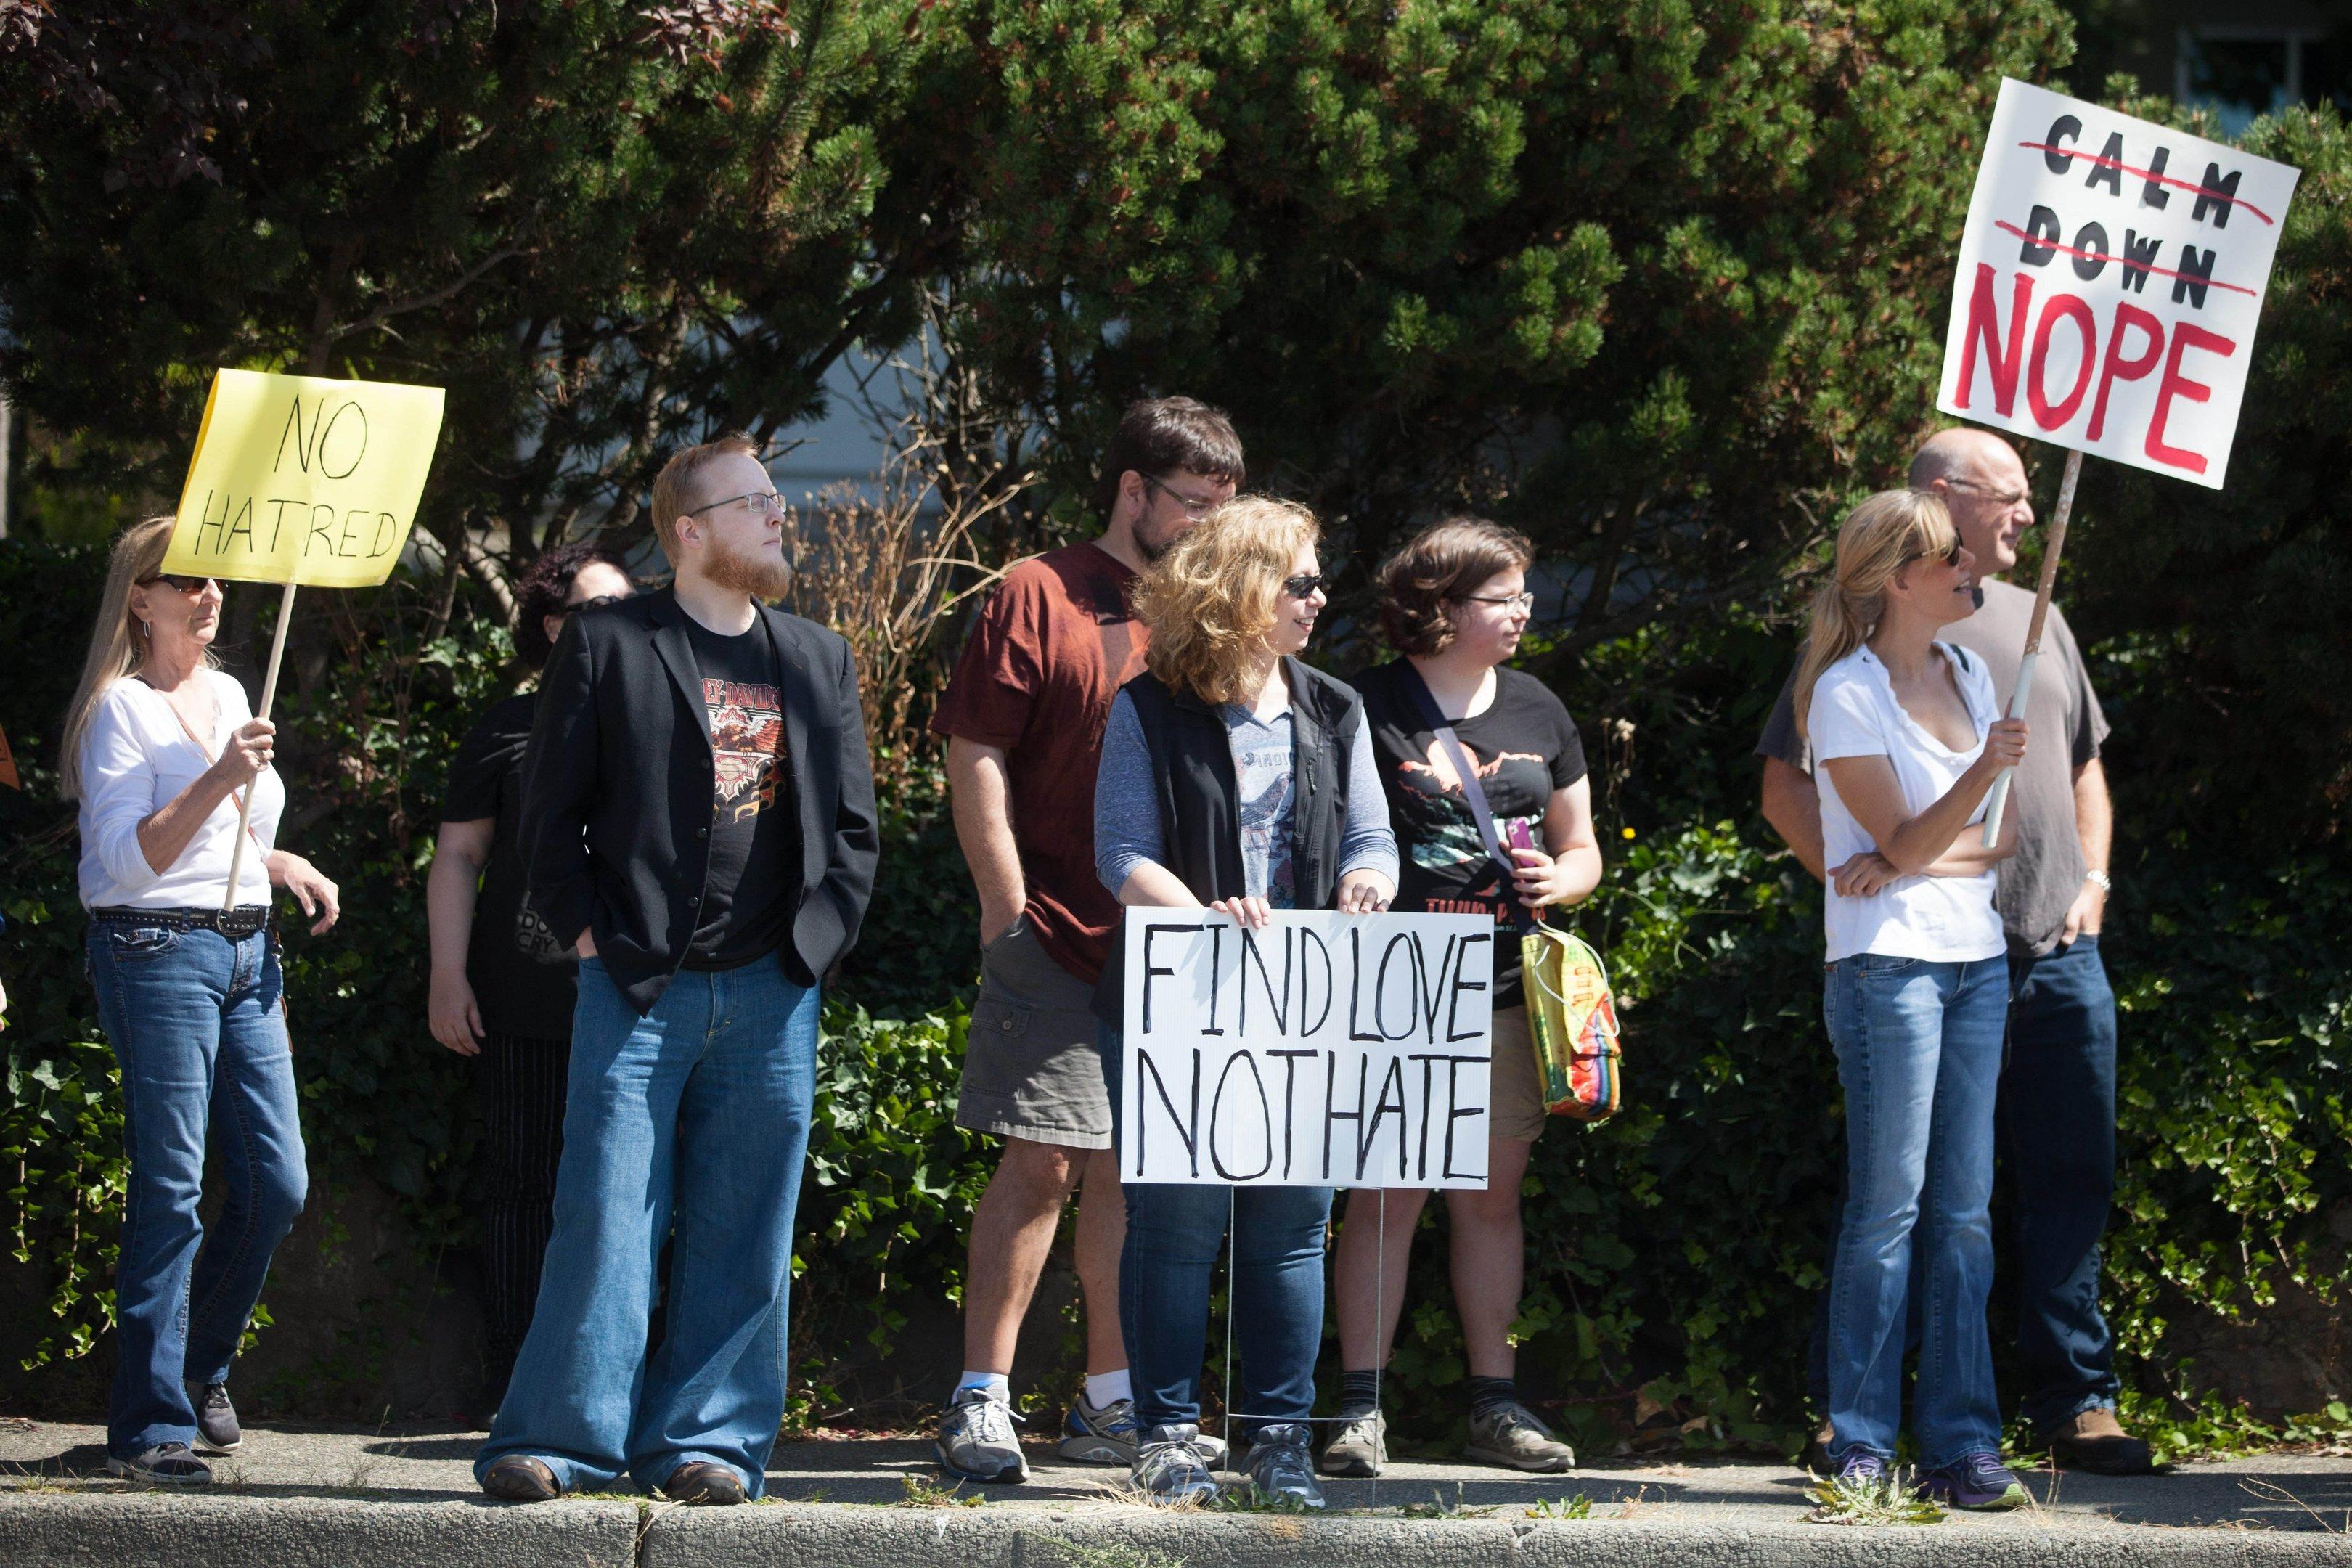 Manifestação em solidariedade a Charlottesville em Kirland, no estado de Washington